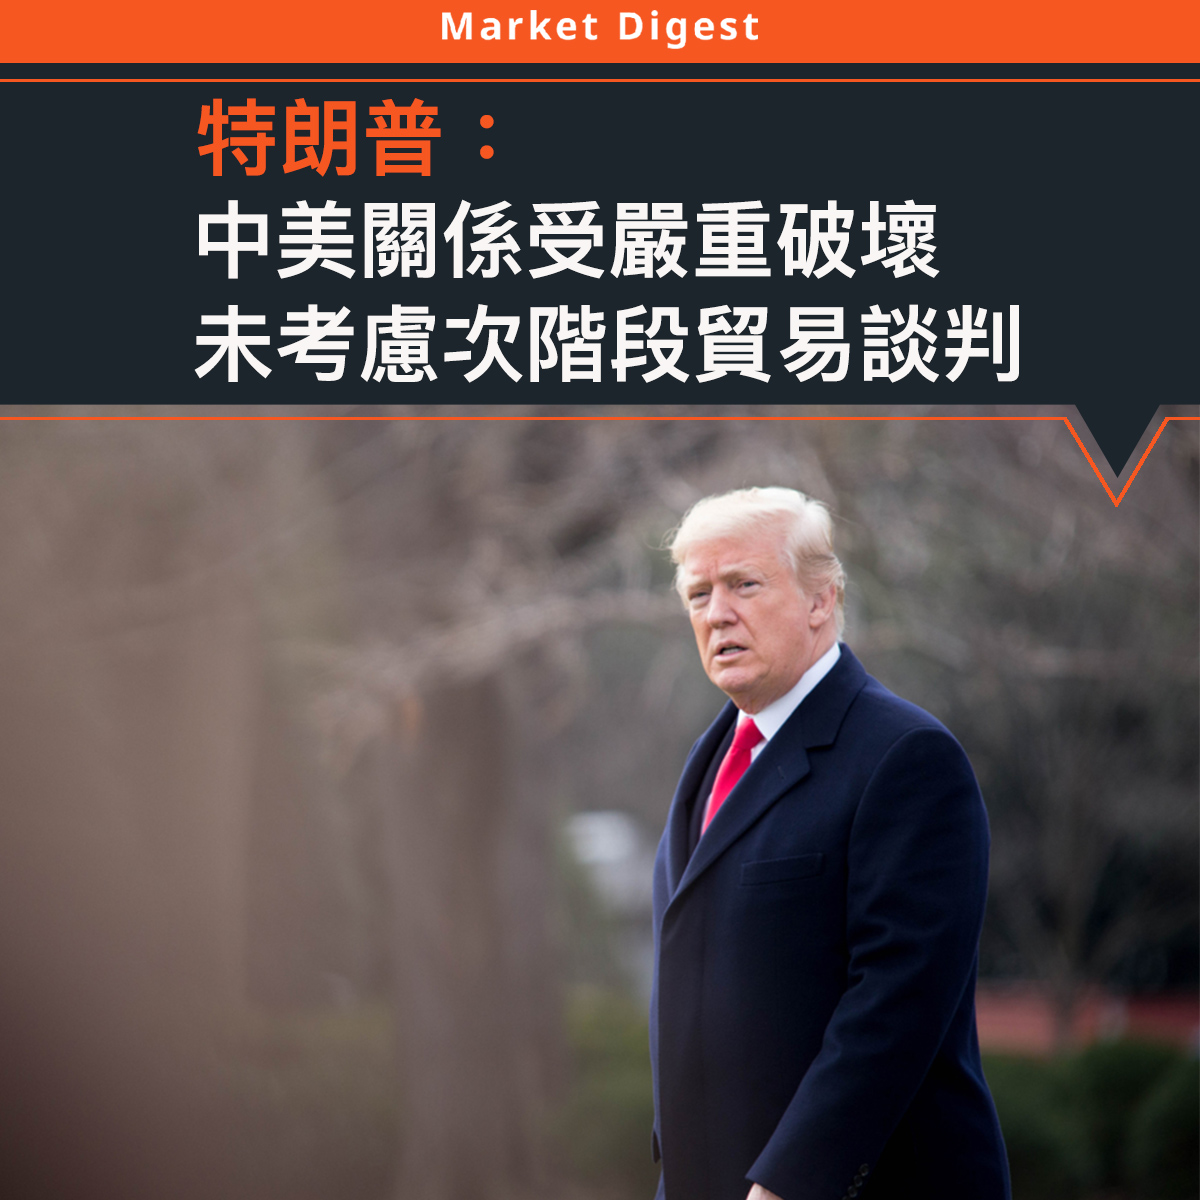 【市場熱話】特朗普:中美關係受嚴重破壞,未考慮次階段貿易談判